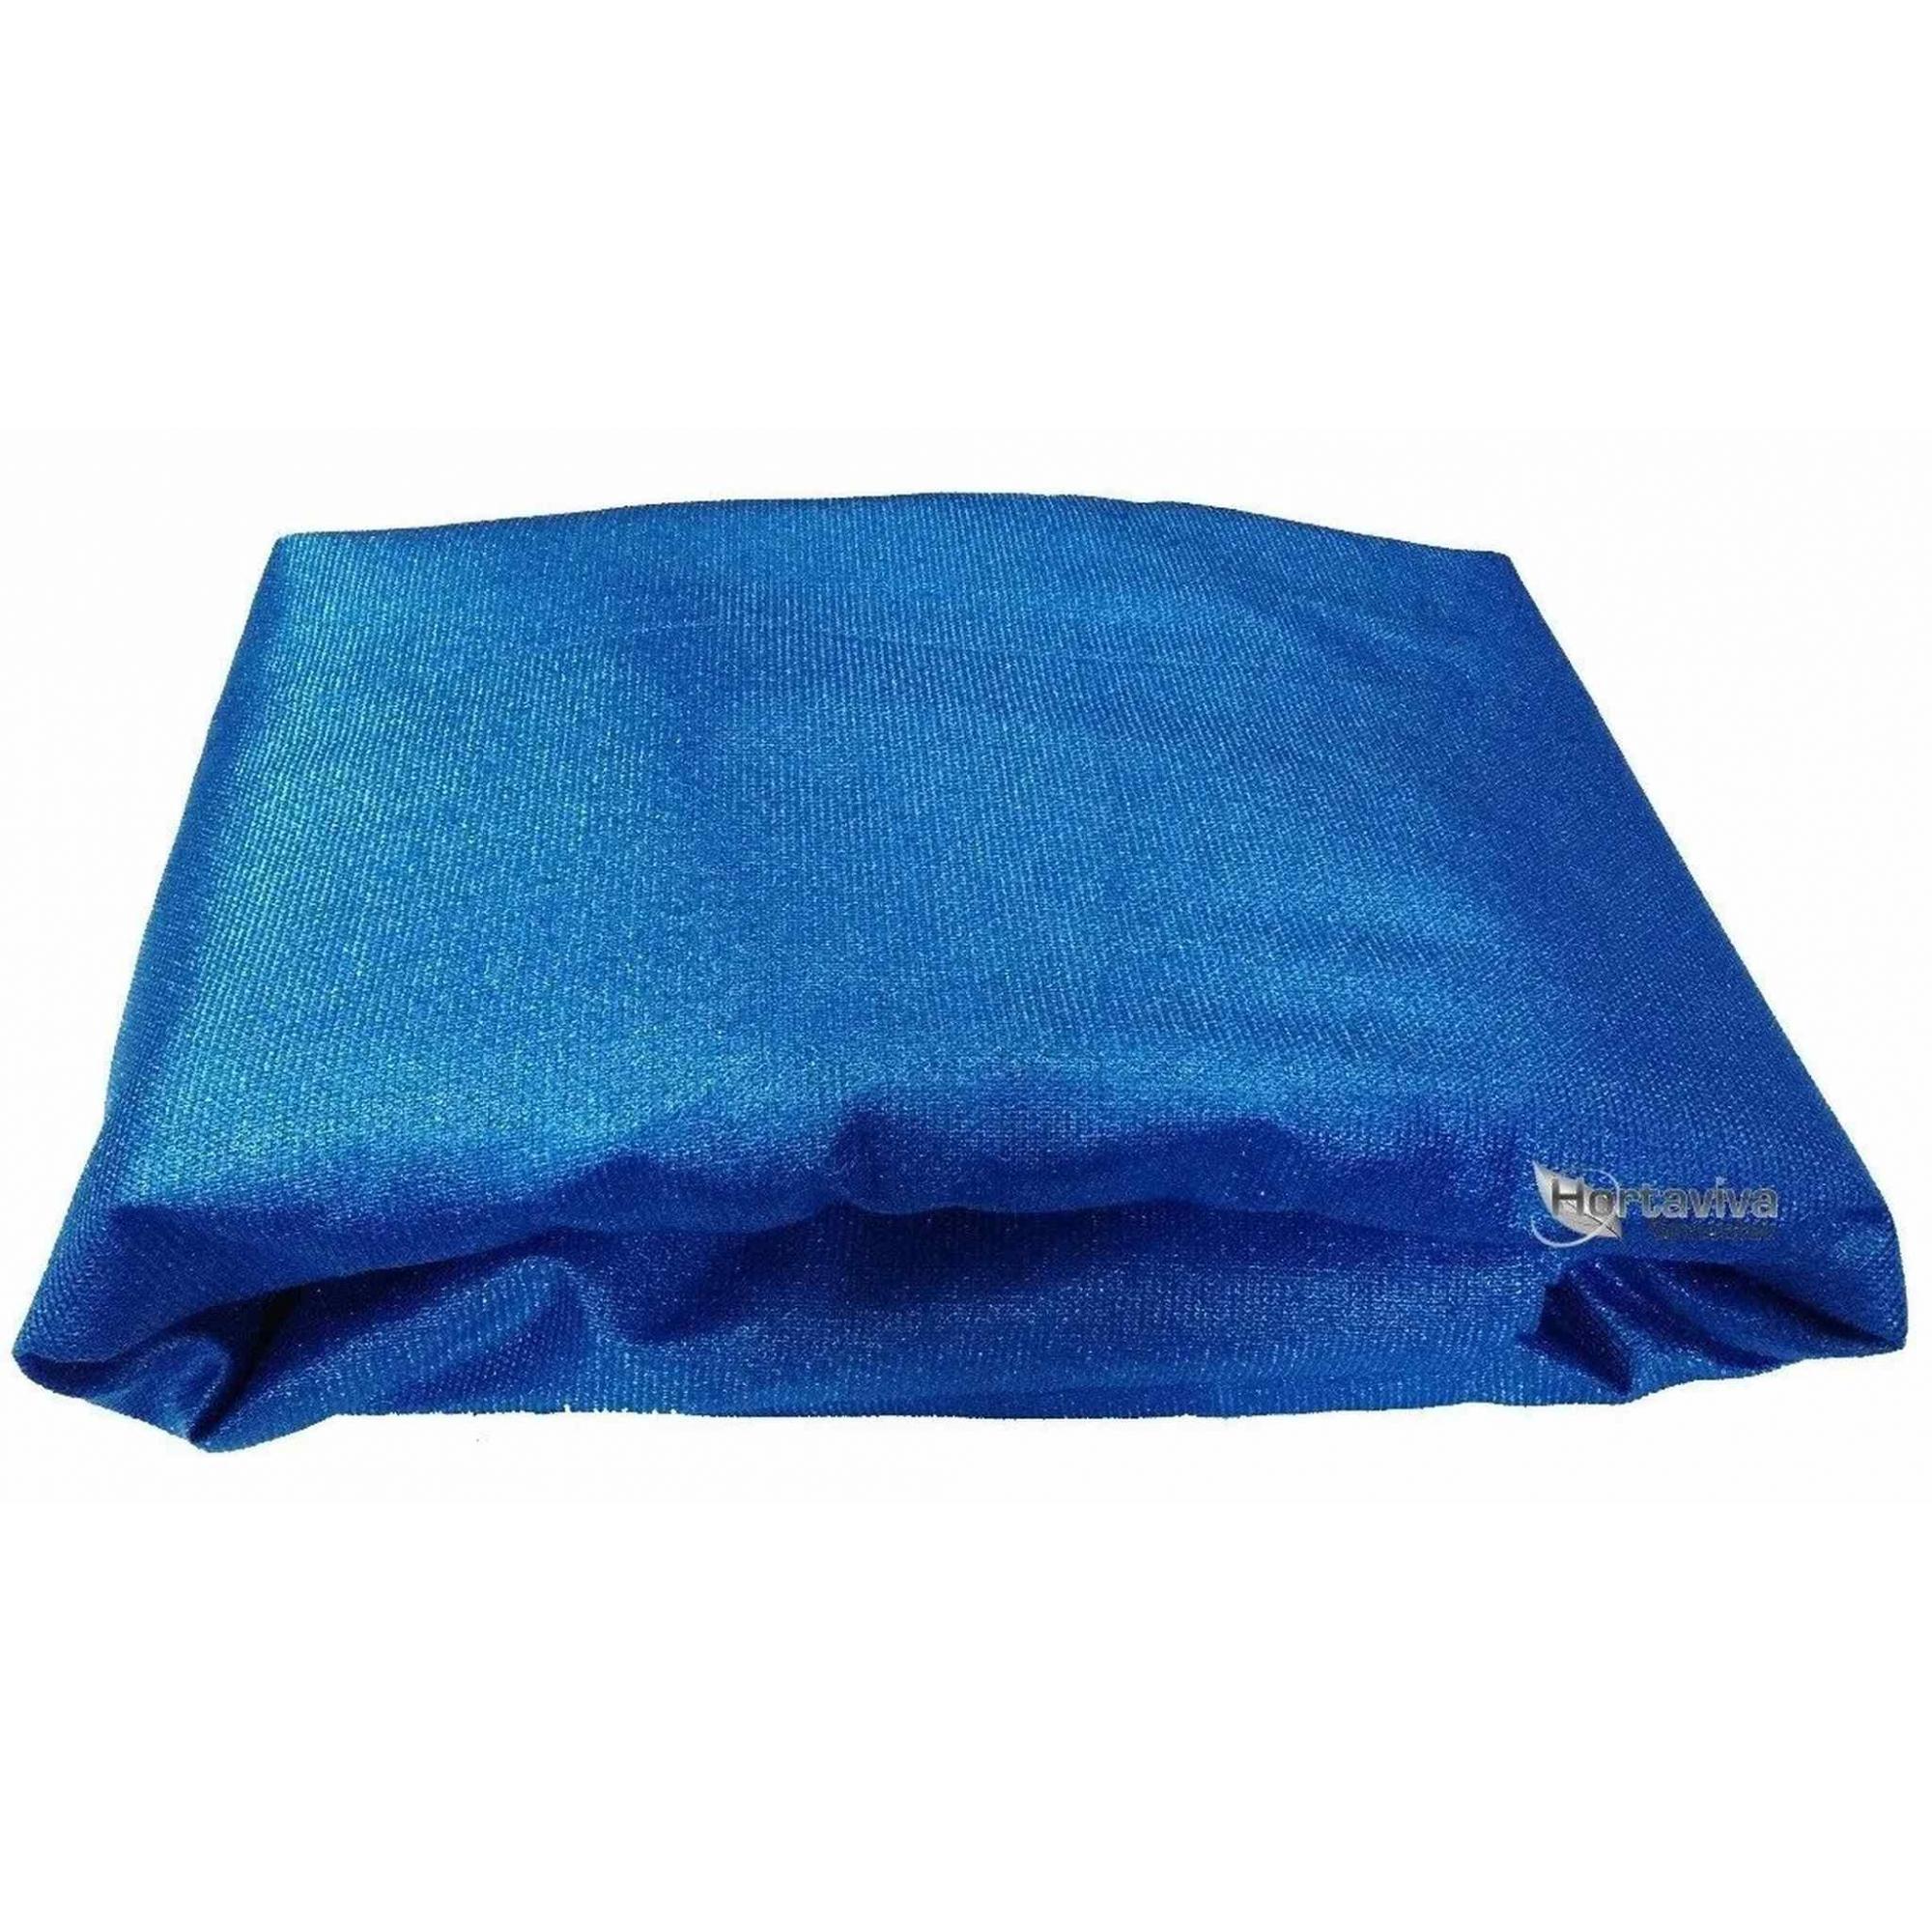 Tela De Sombreamento Decorativa Azul 90% - 4 Metros X 50 Metros